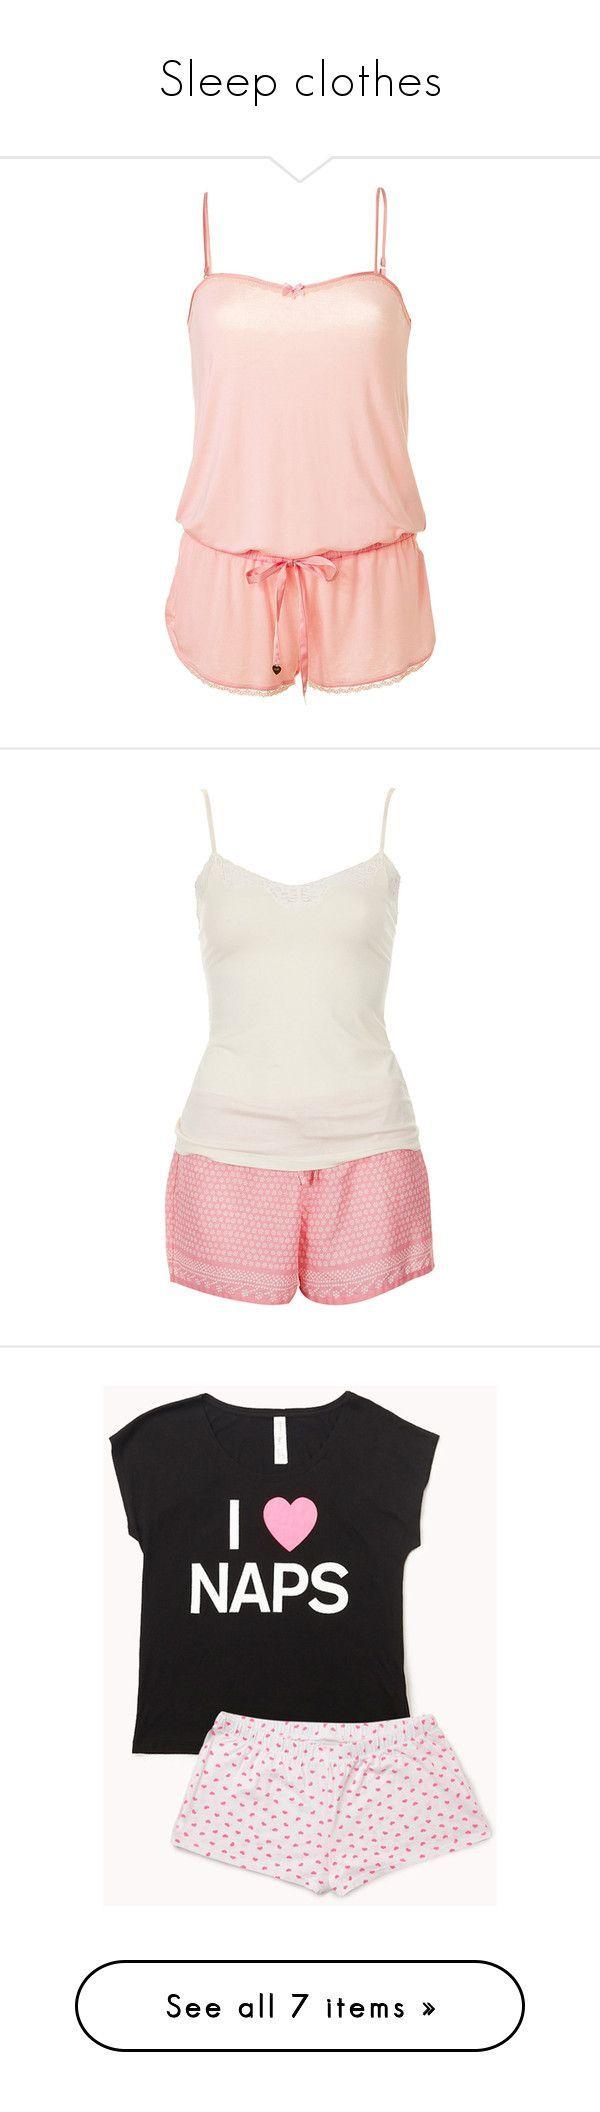 """""""Sleep clothes"""" by livstephanovichi ❤ liked on Polyvore featuring rompers, pajamas, pijama, sleepwear, dresses, juicy couture, intimates, pijamas, pyjamas and sleep"""